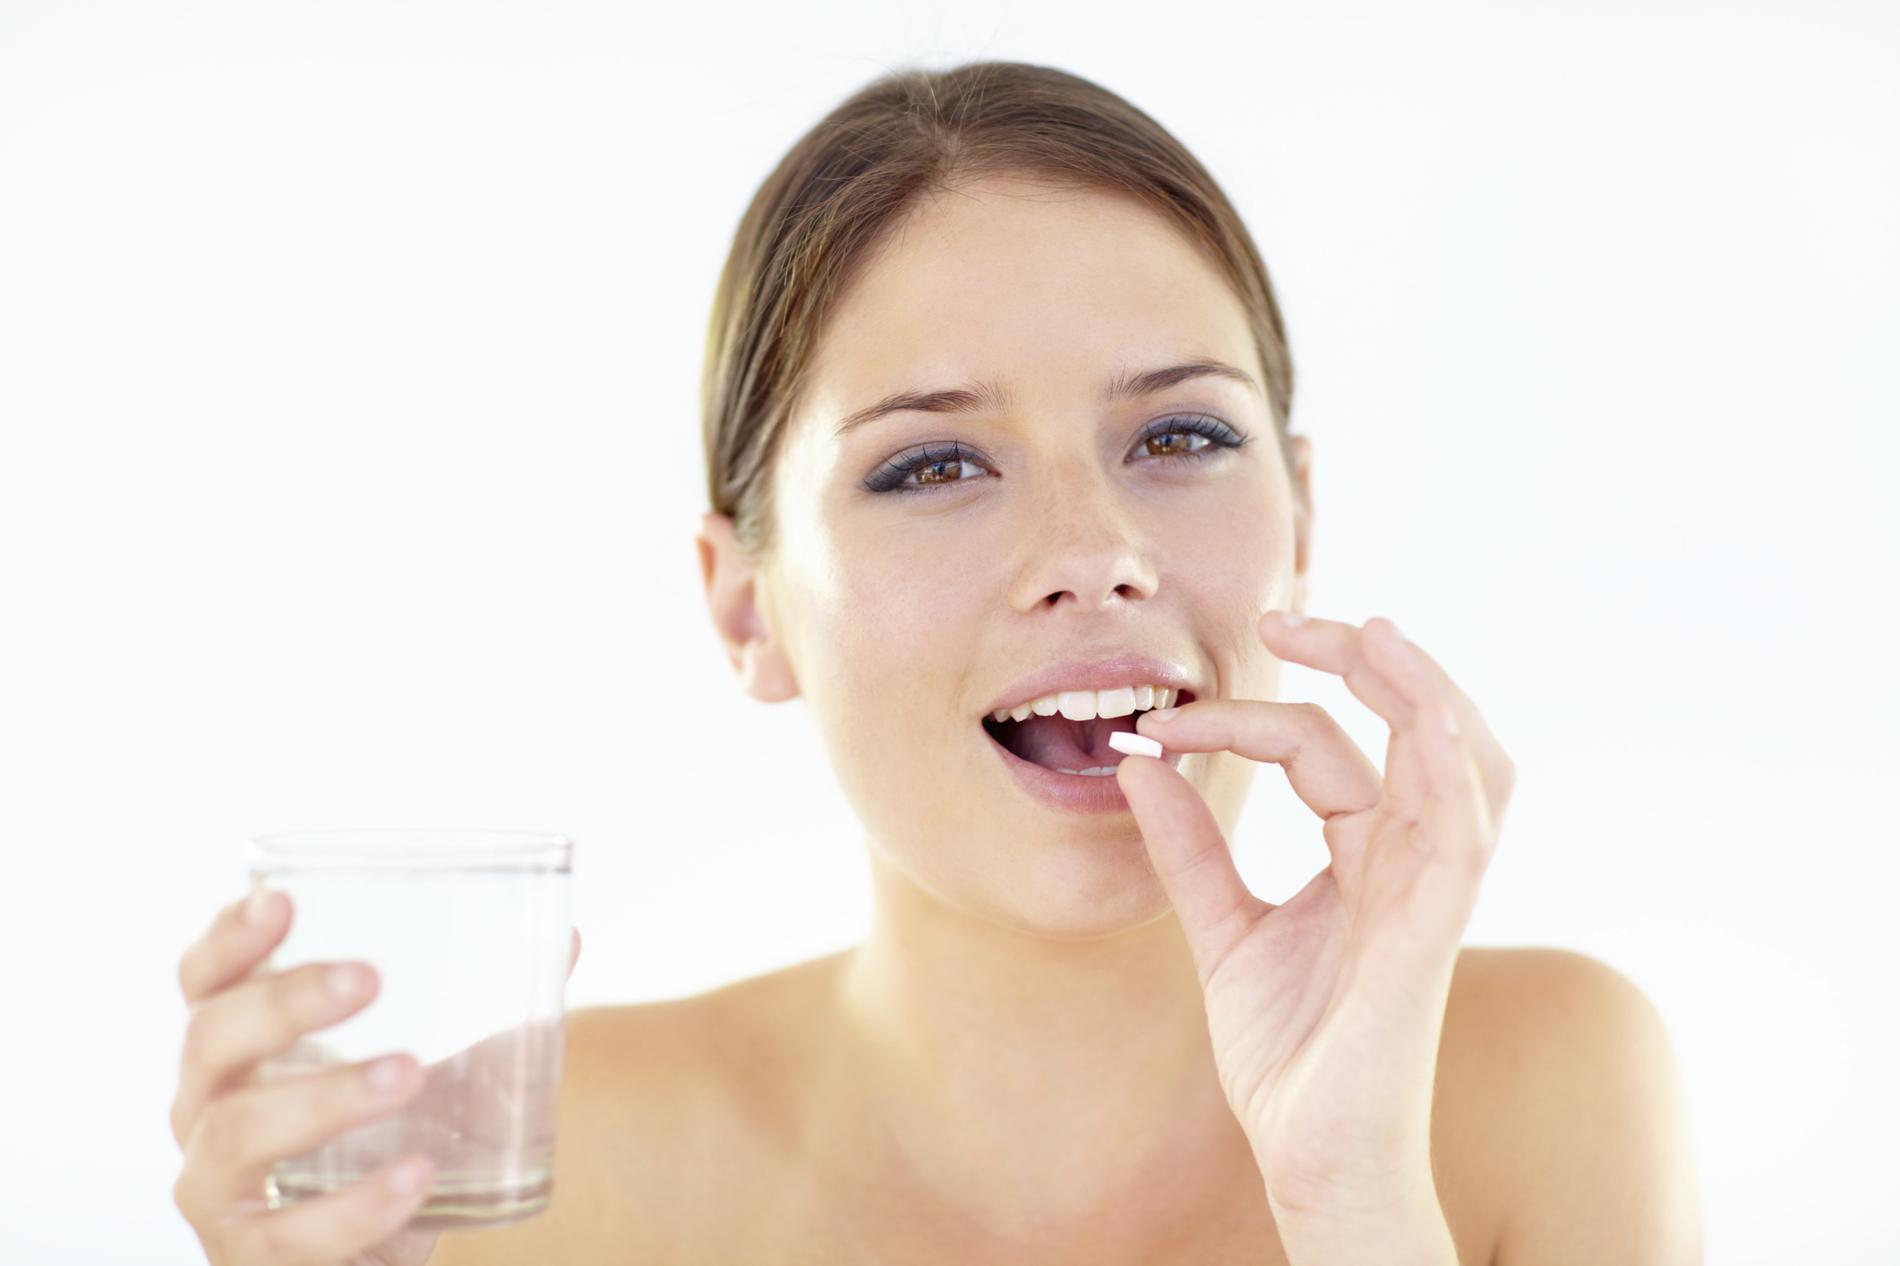 Les capteurs de graisse pour perdre du poids - Pharmashopi